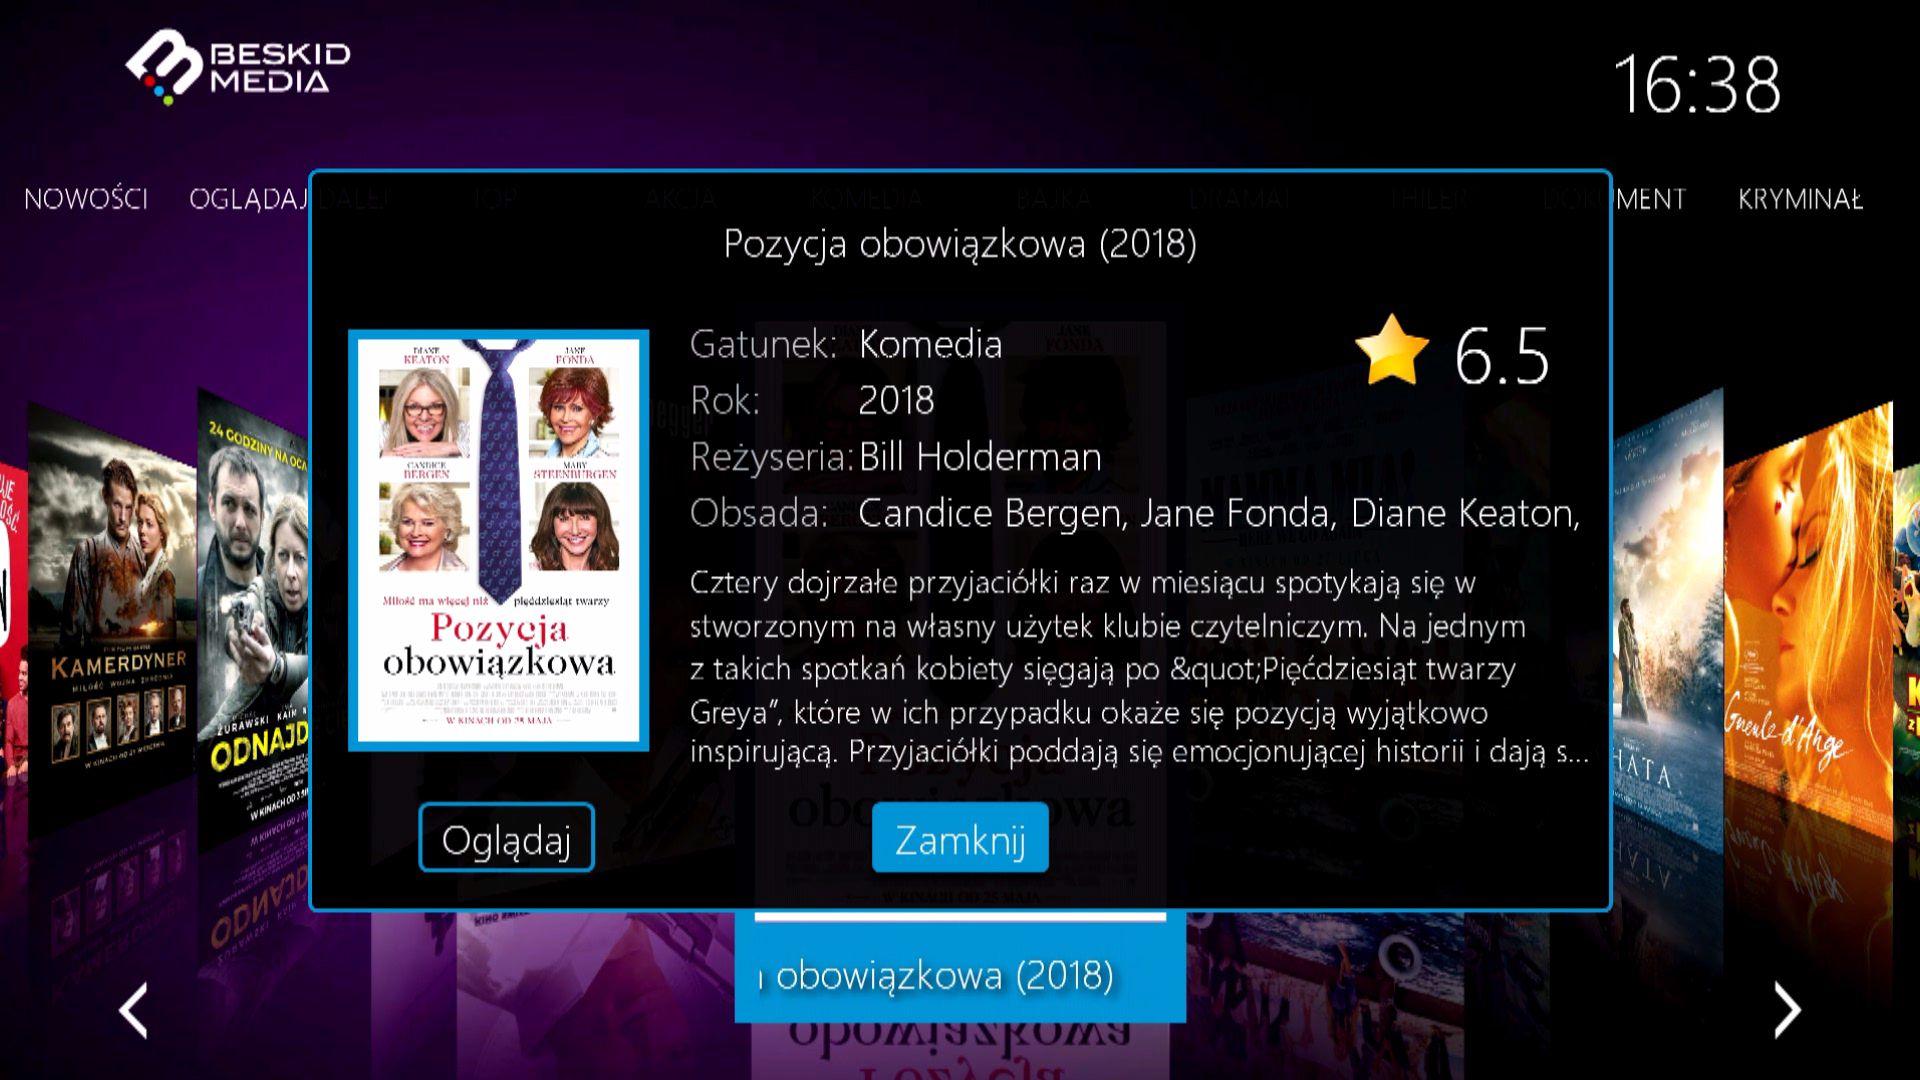 Beskid Media rozwija telewizję 4K. Zaprasza do testowania